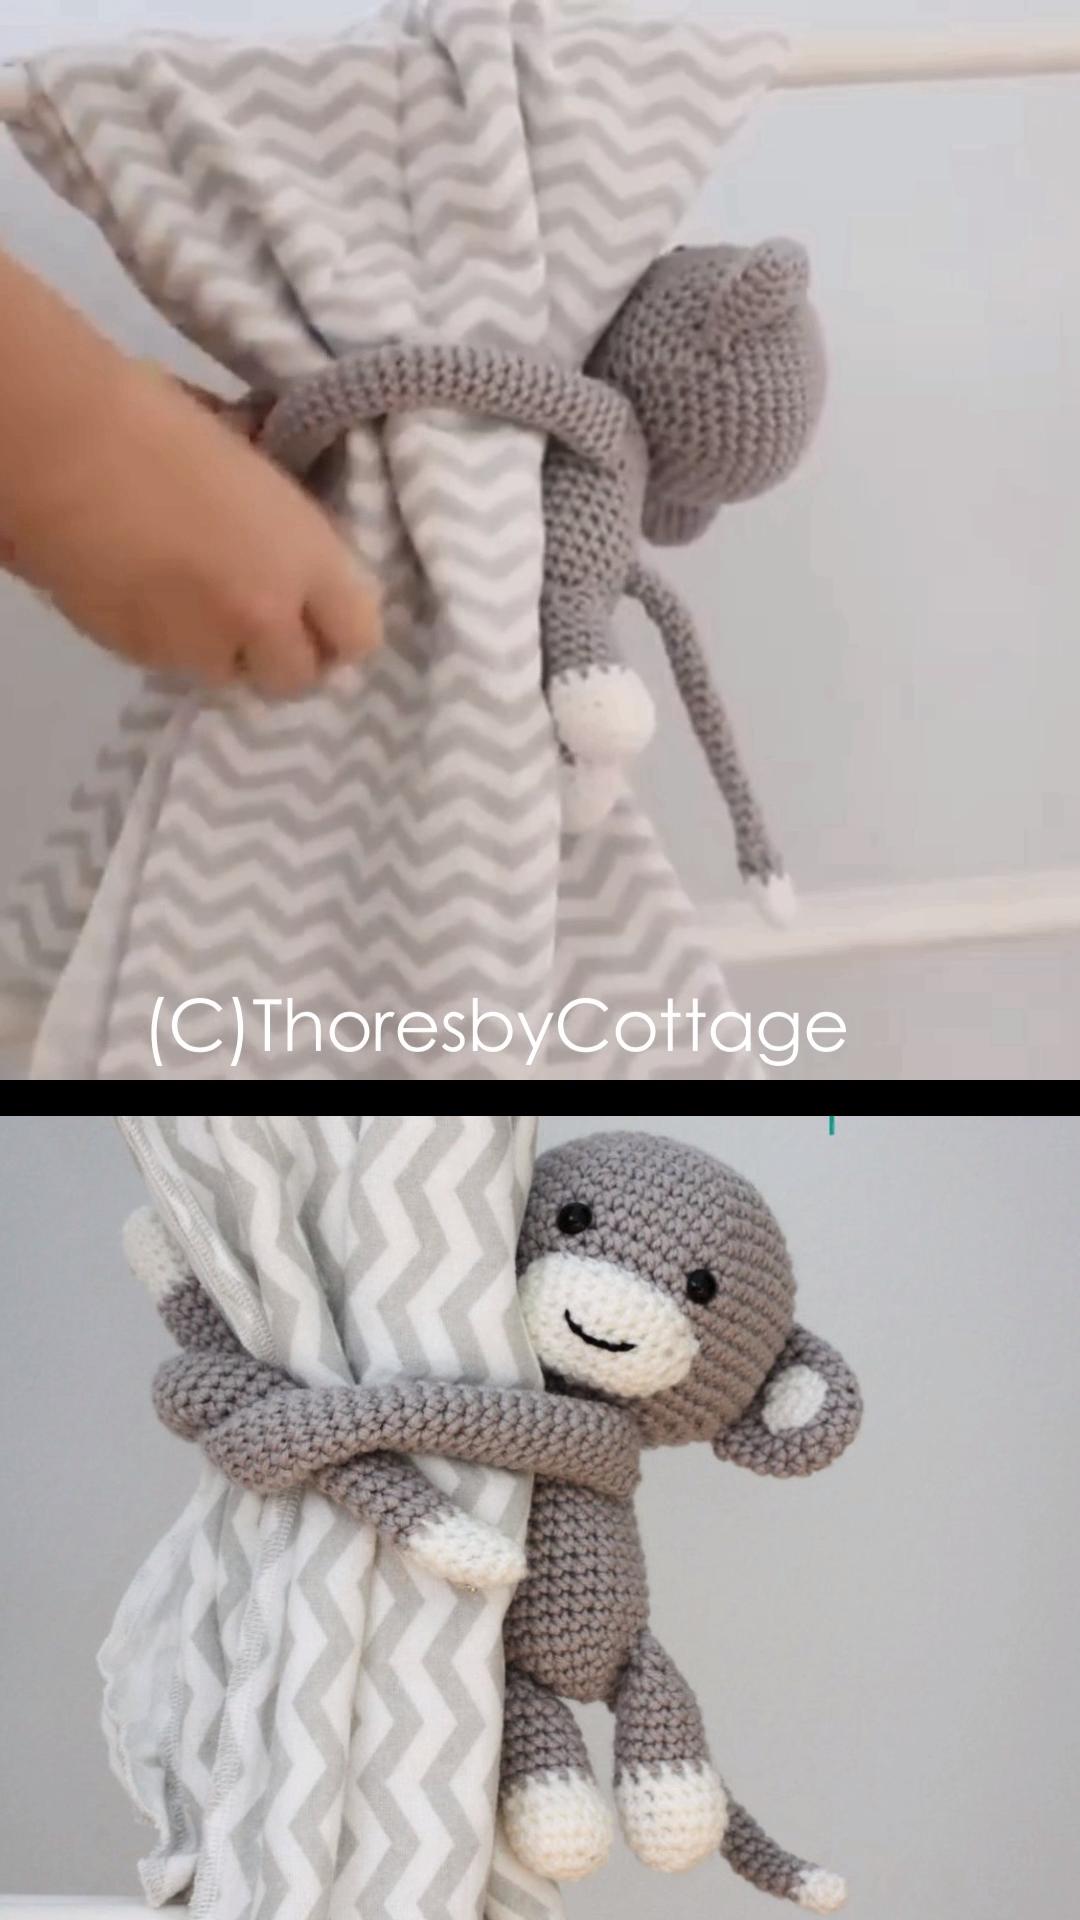 Crochet Monkey Curtain Tie Backs